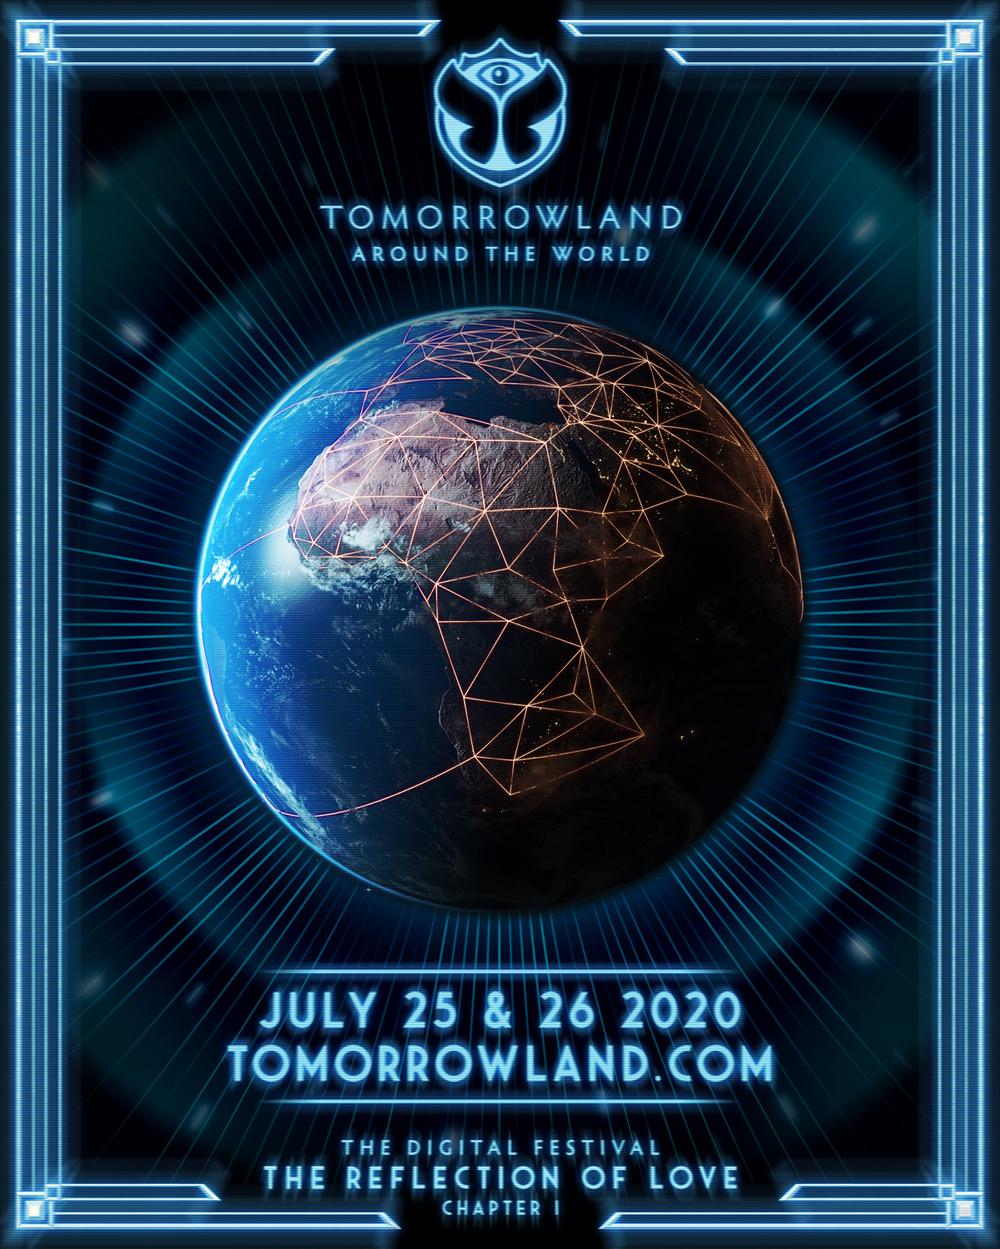 Tomorrowland Futuro festival